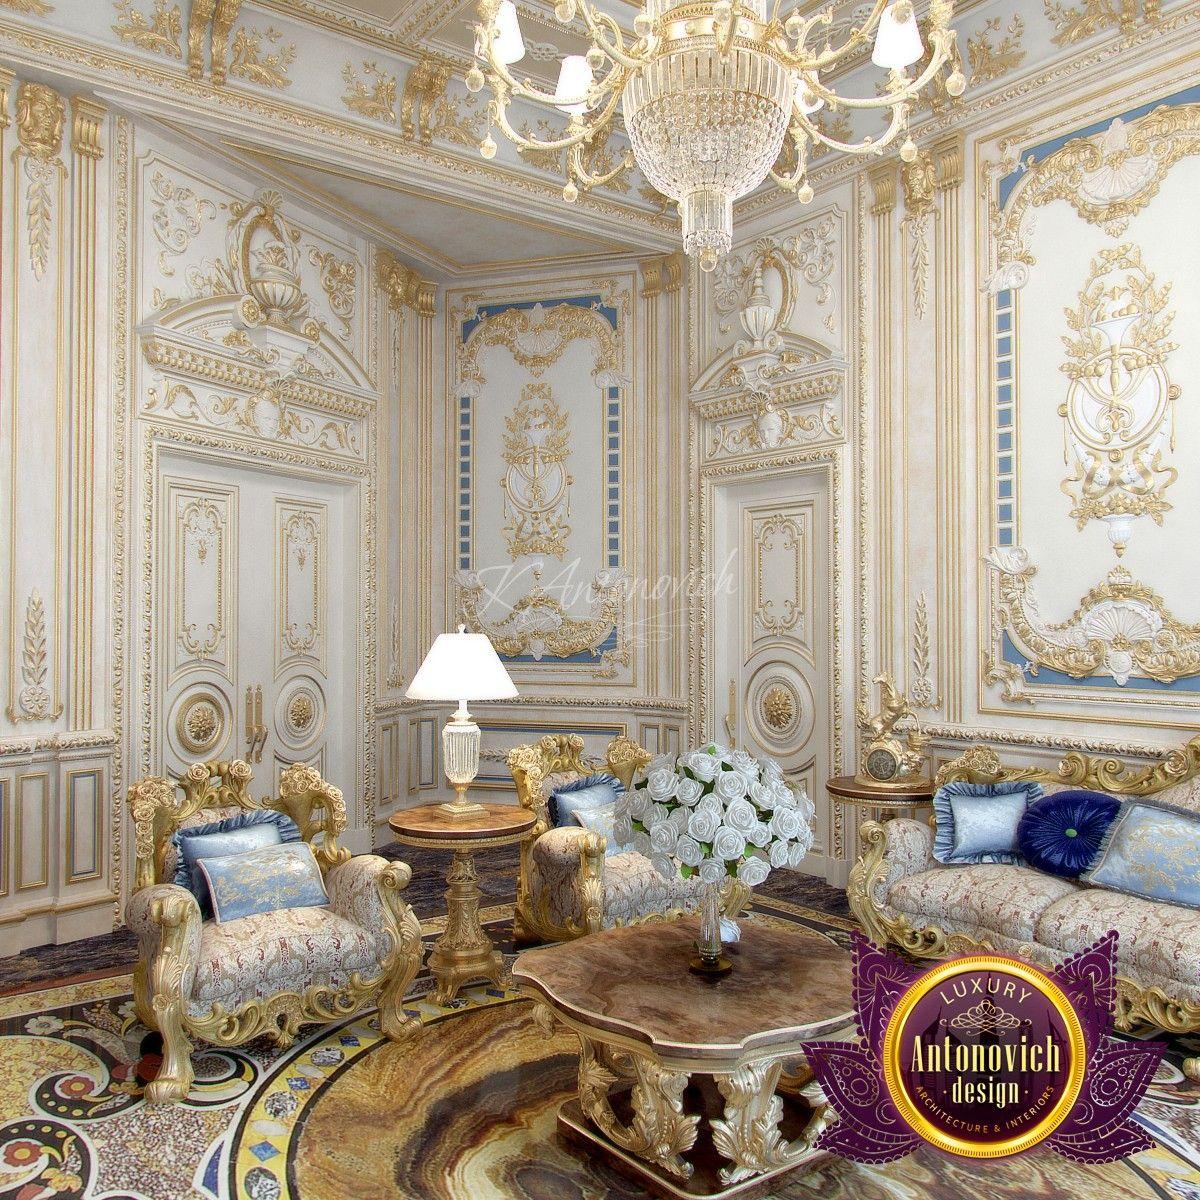 Imperial 3 Stili Dlya Gostinyh Komnat Roskoshnye Gostinye Komnata Dizajna